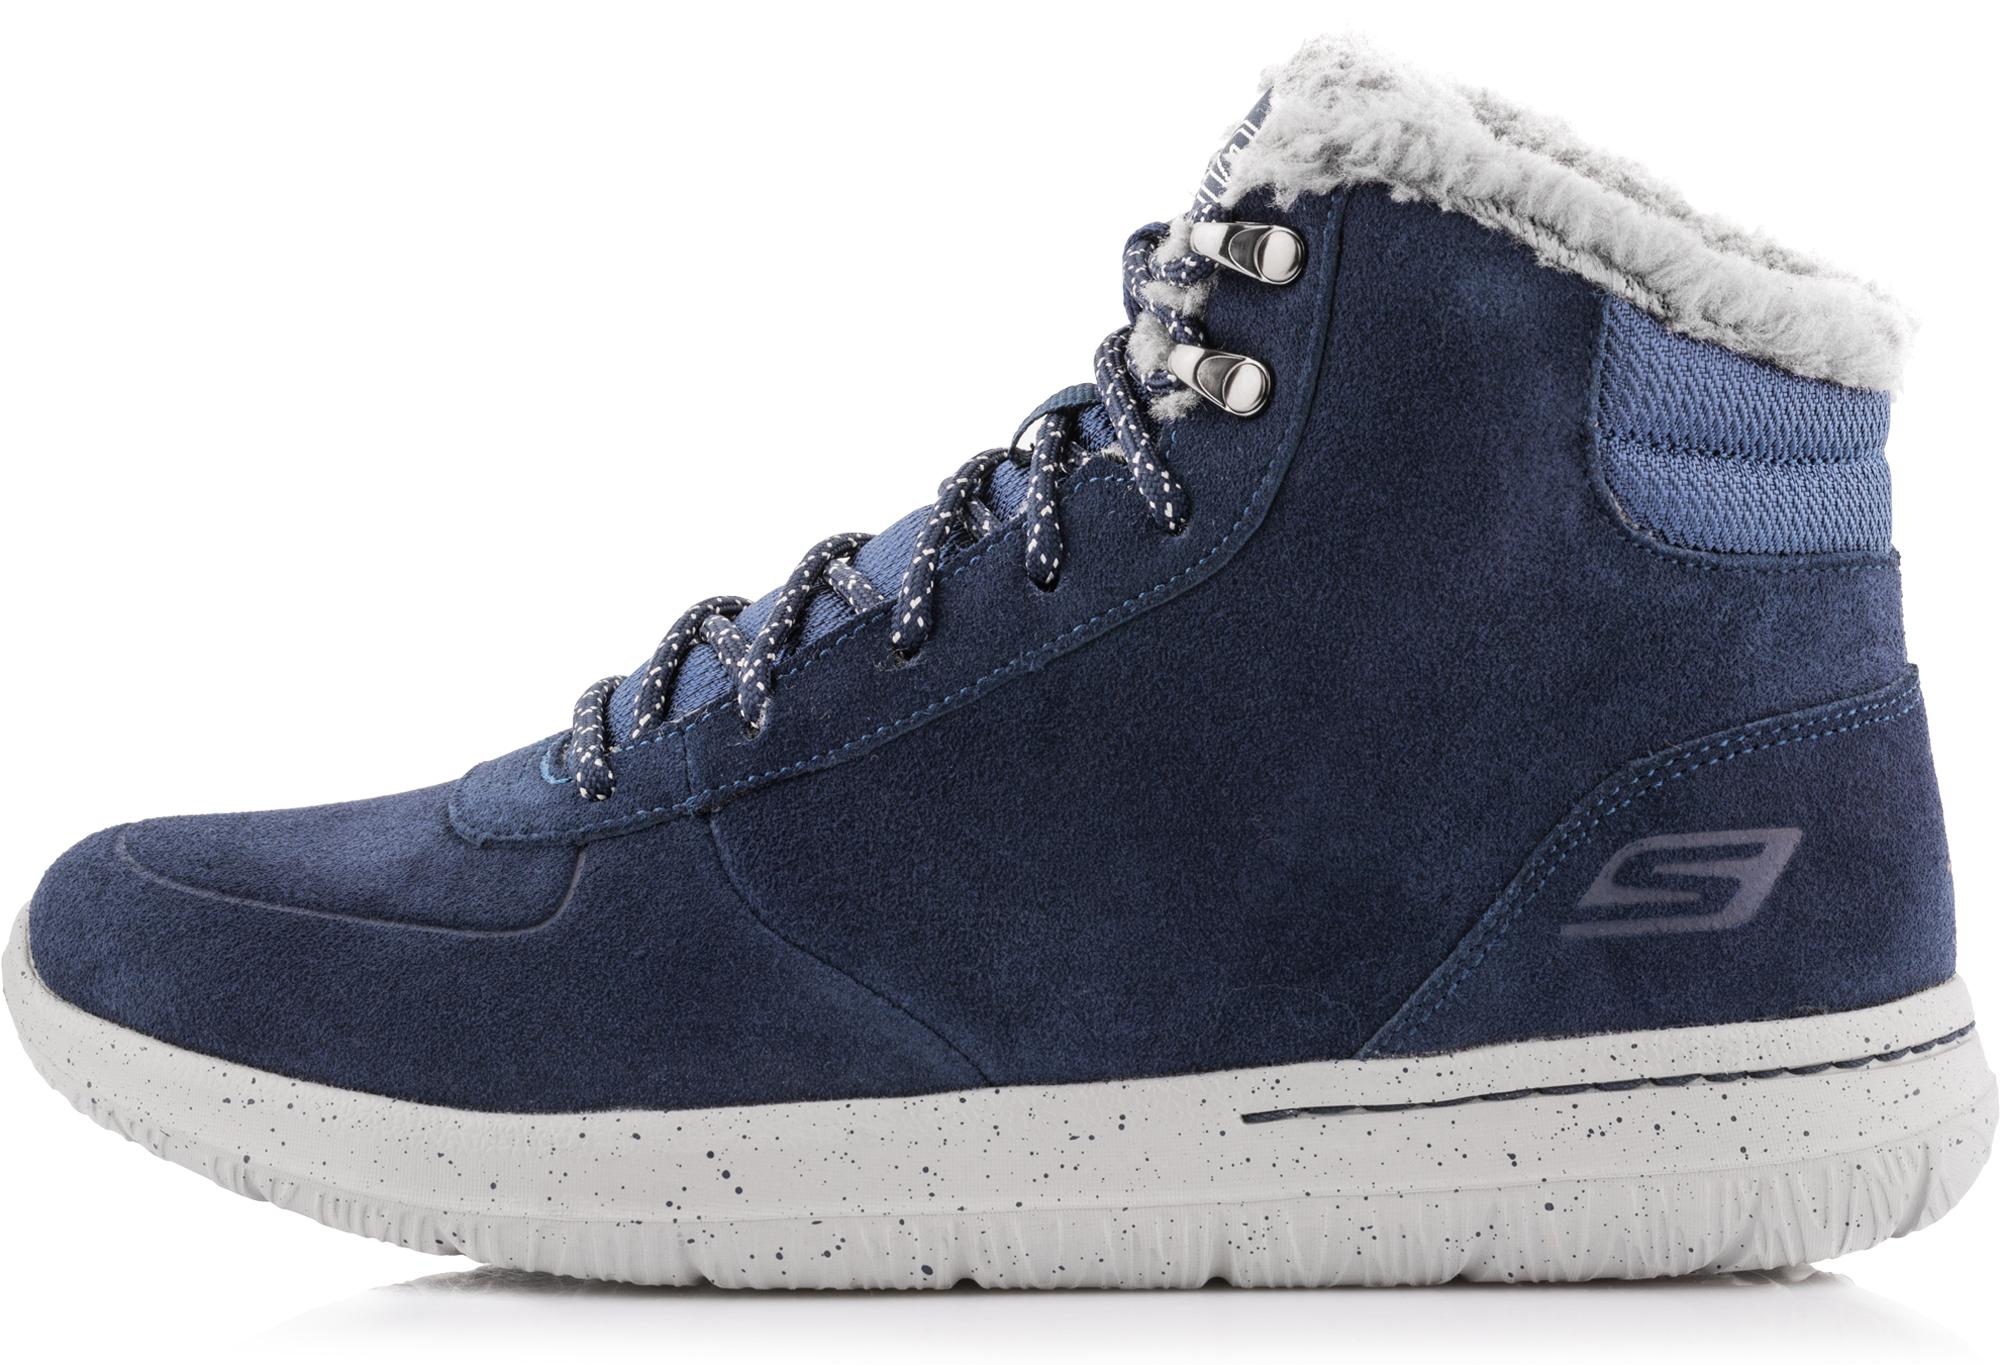 Skechers Ботинки утепленные мужские Go Walk City-Sierra, размер 46,5